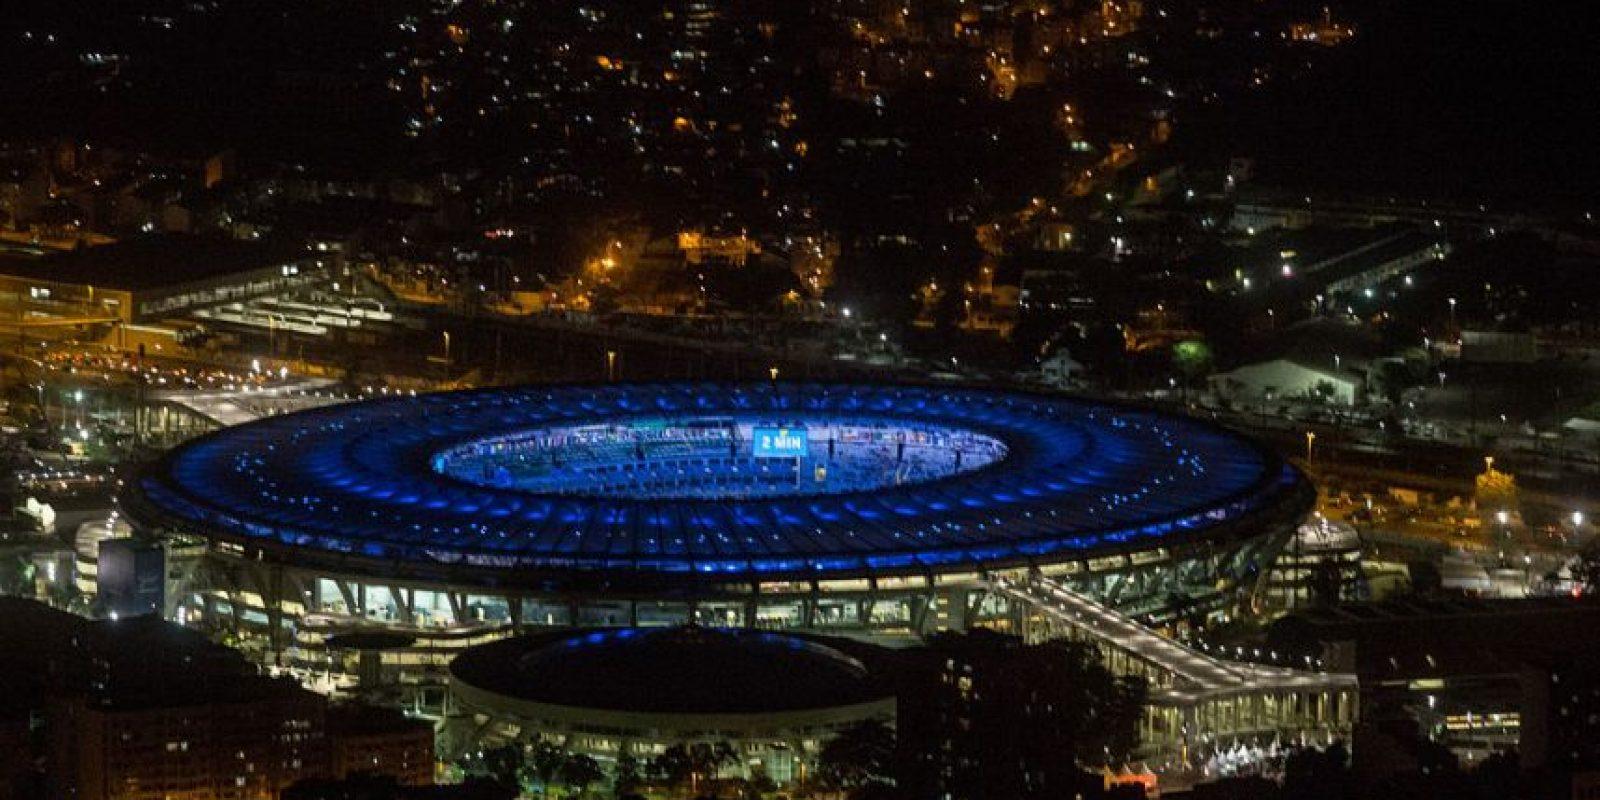 Se esperan grandes sorpresas en el Estadio Maracaná Foto:Getty Images